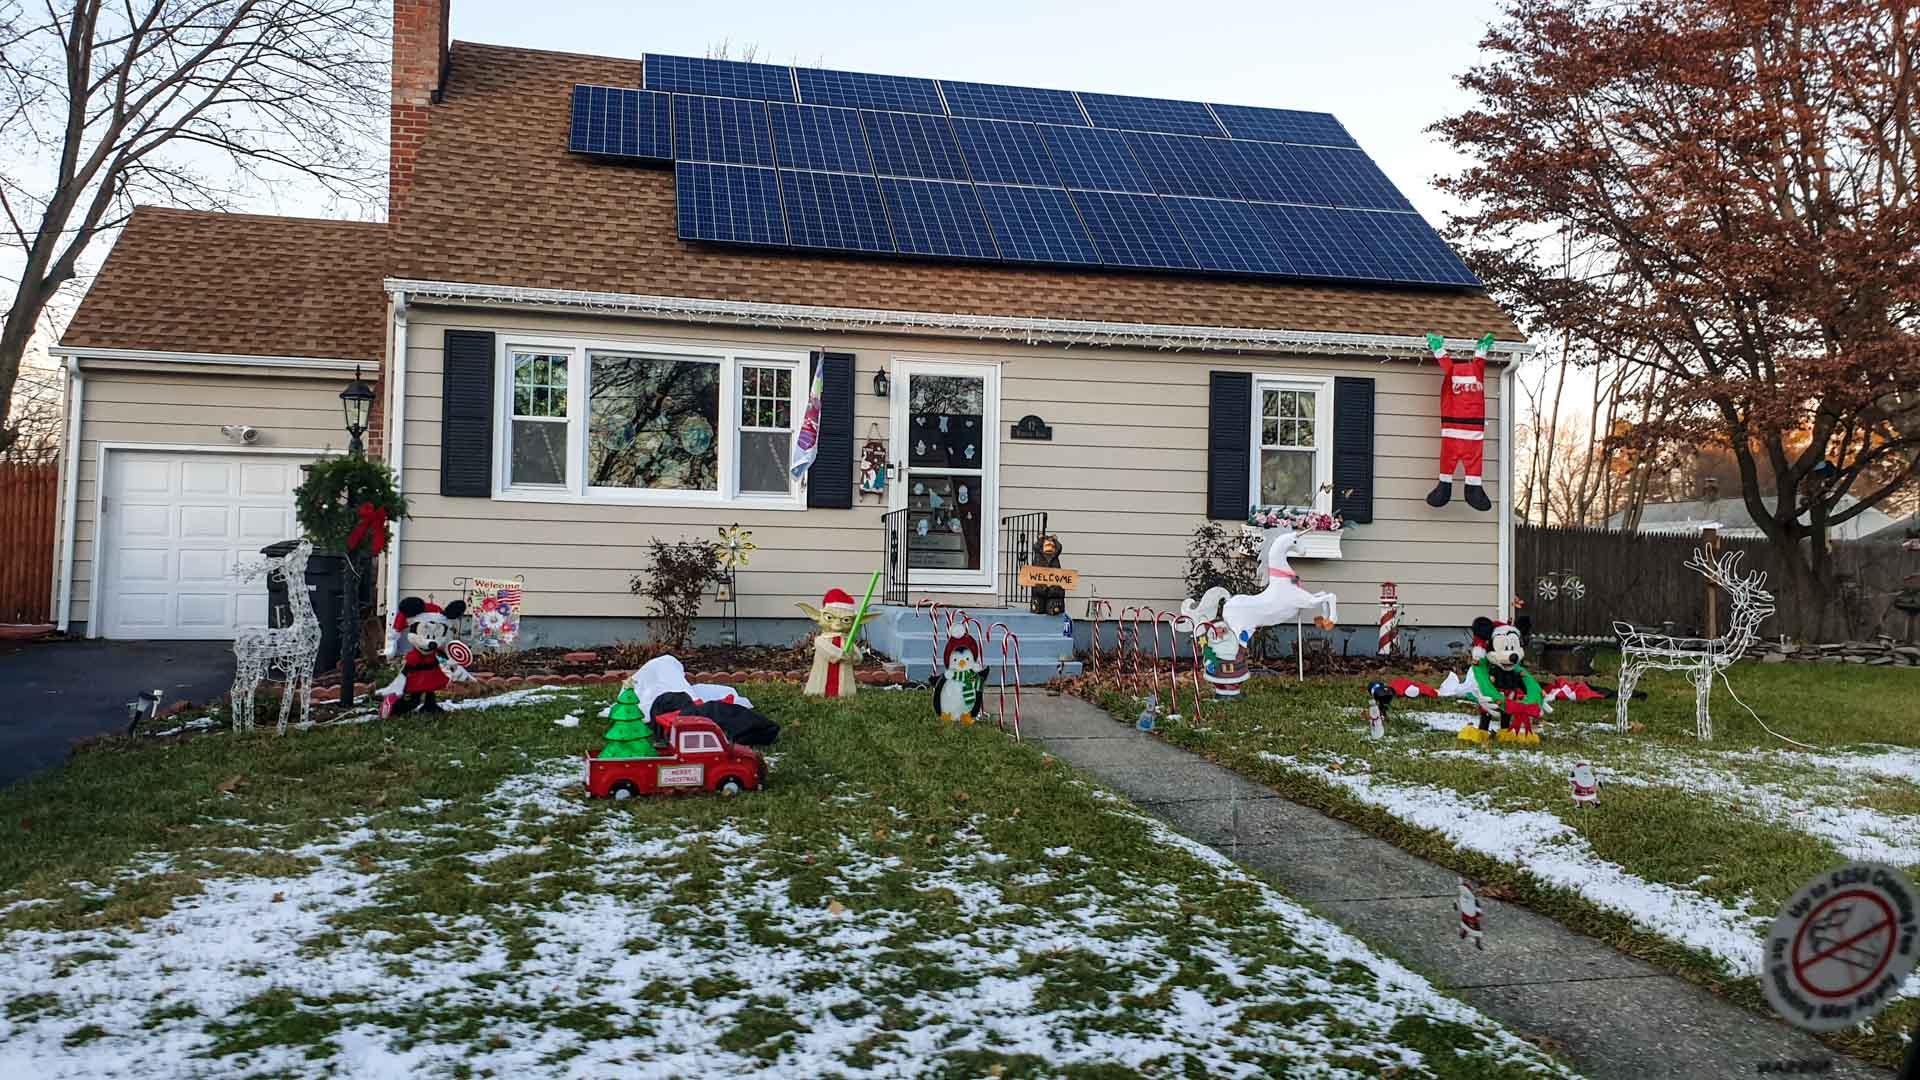 Casa con decoración navideña en Milford, Connecticut